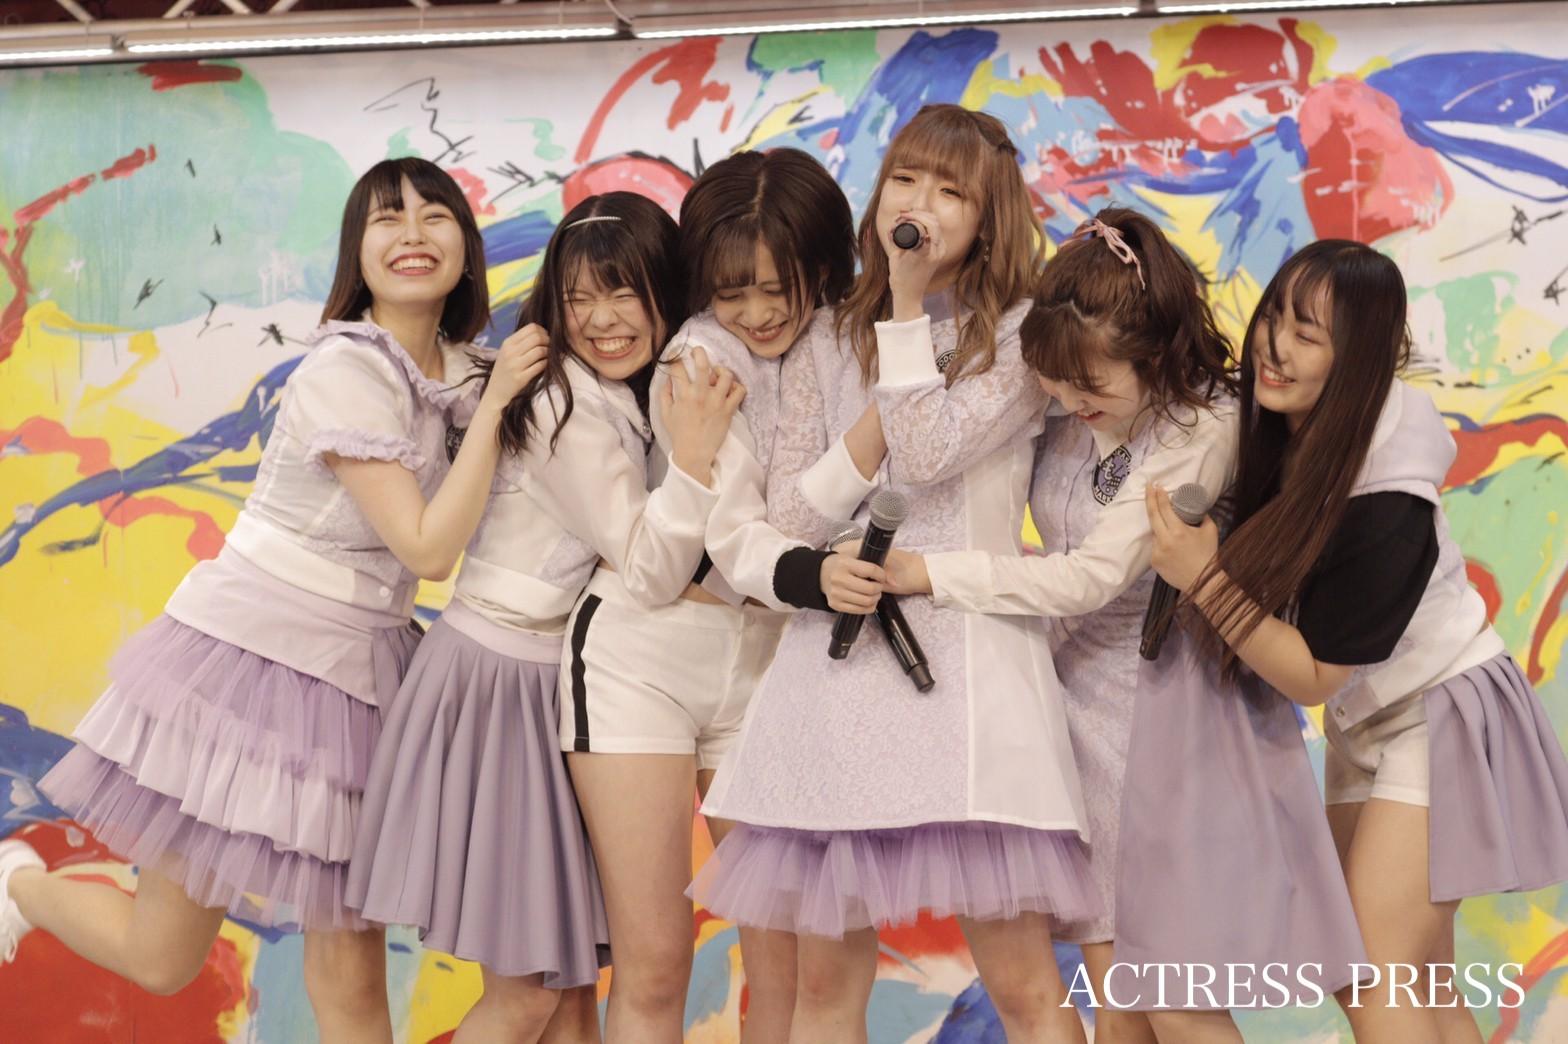 もどかしマーケッツ/撮影:ACTRESS PRESS編集部